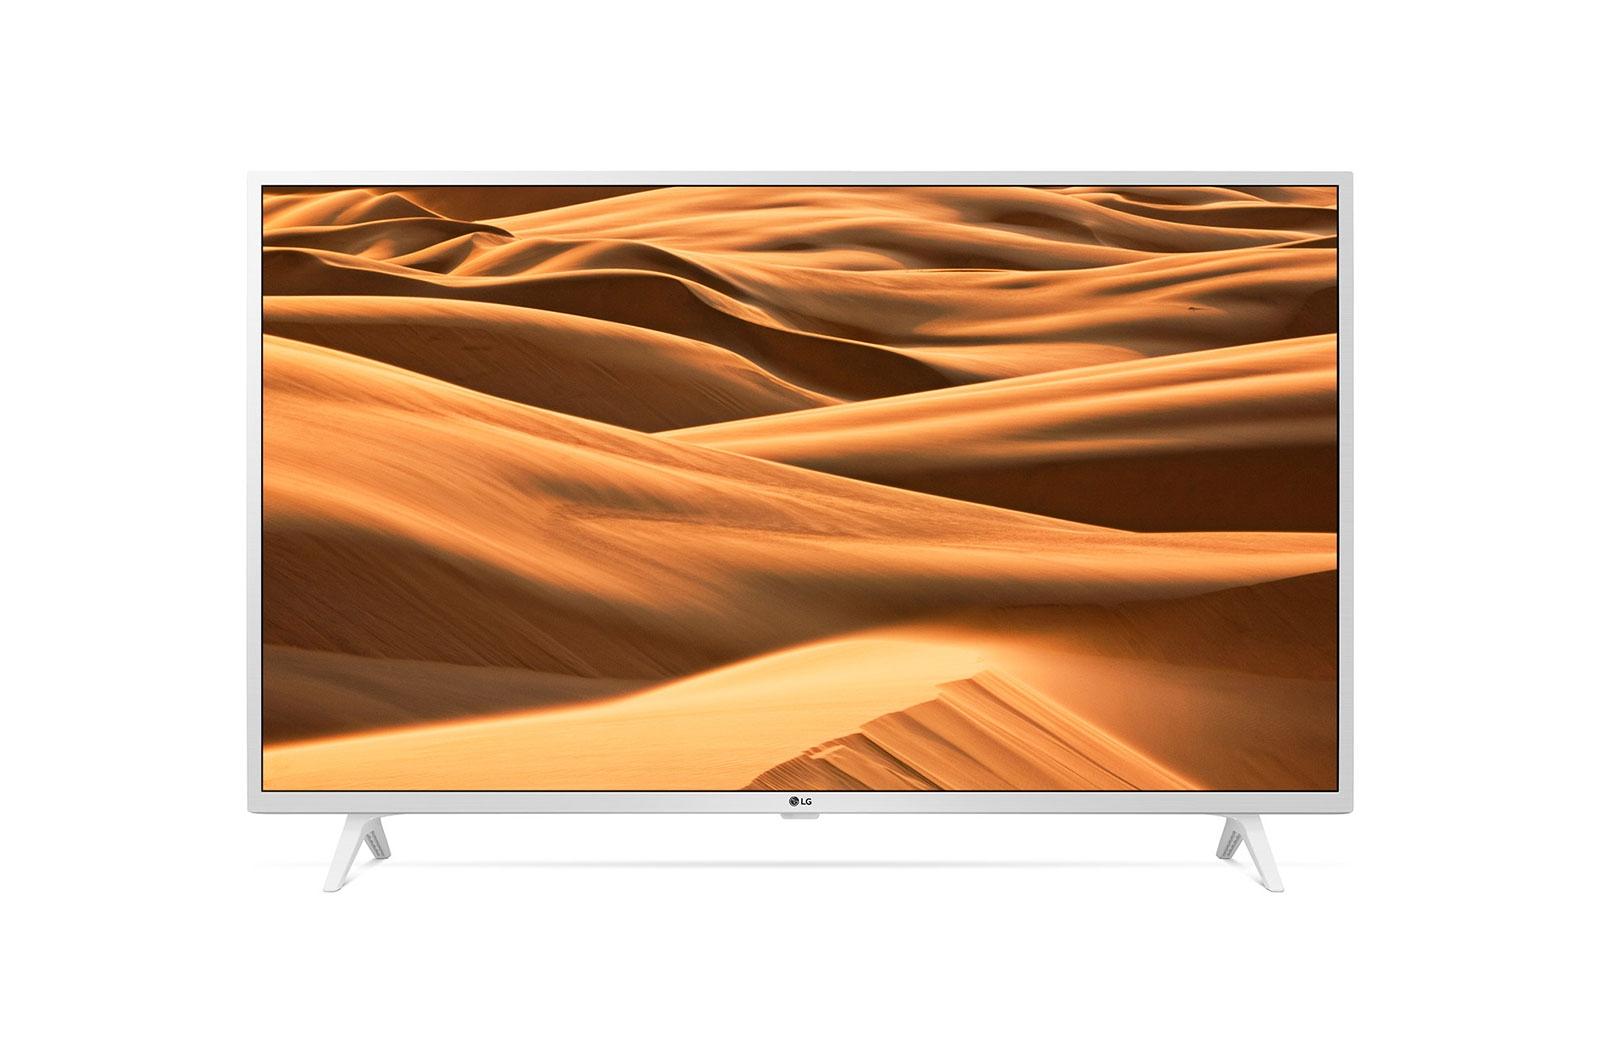 Televizor LED Smart LG, 108 cm, 43UM7390PLC, 4K Ultra HD